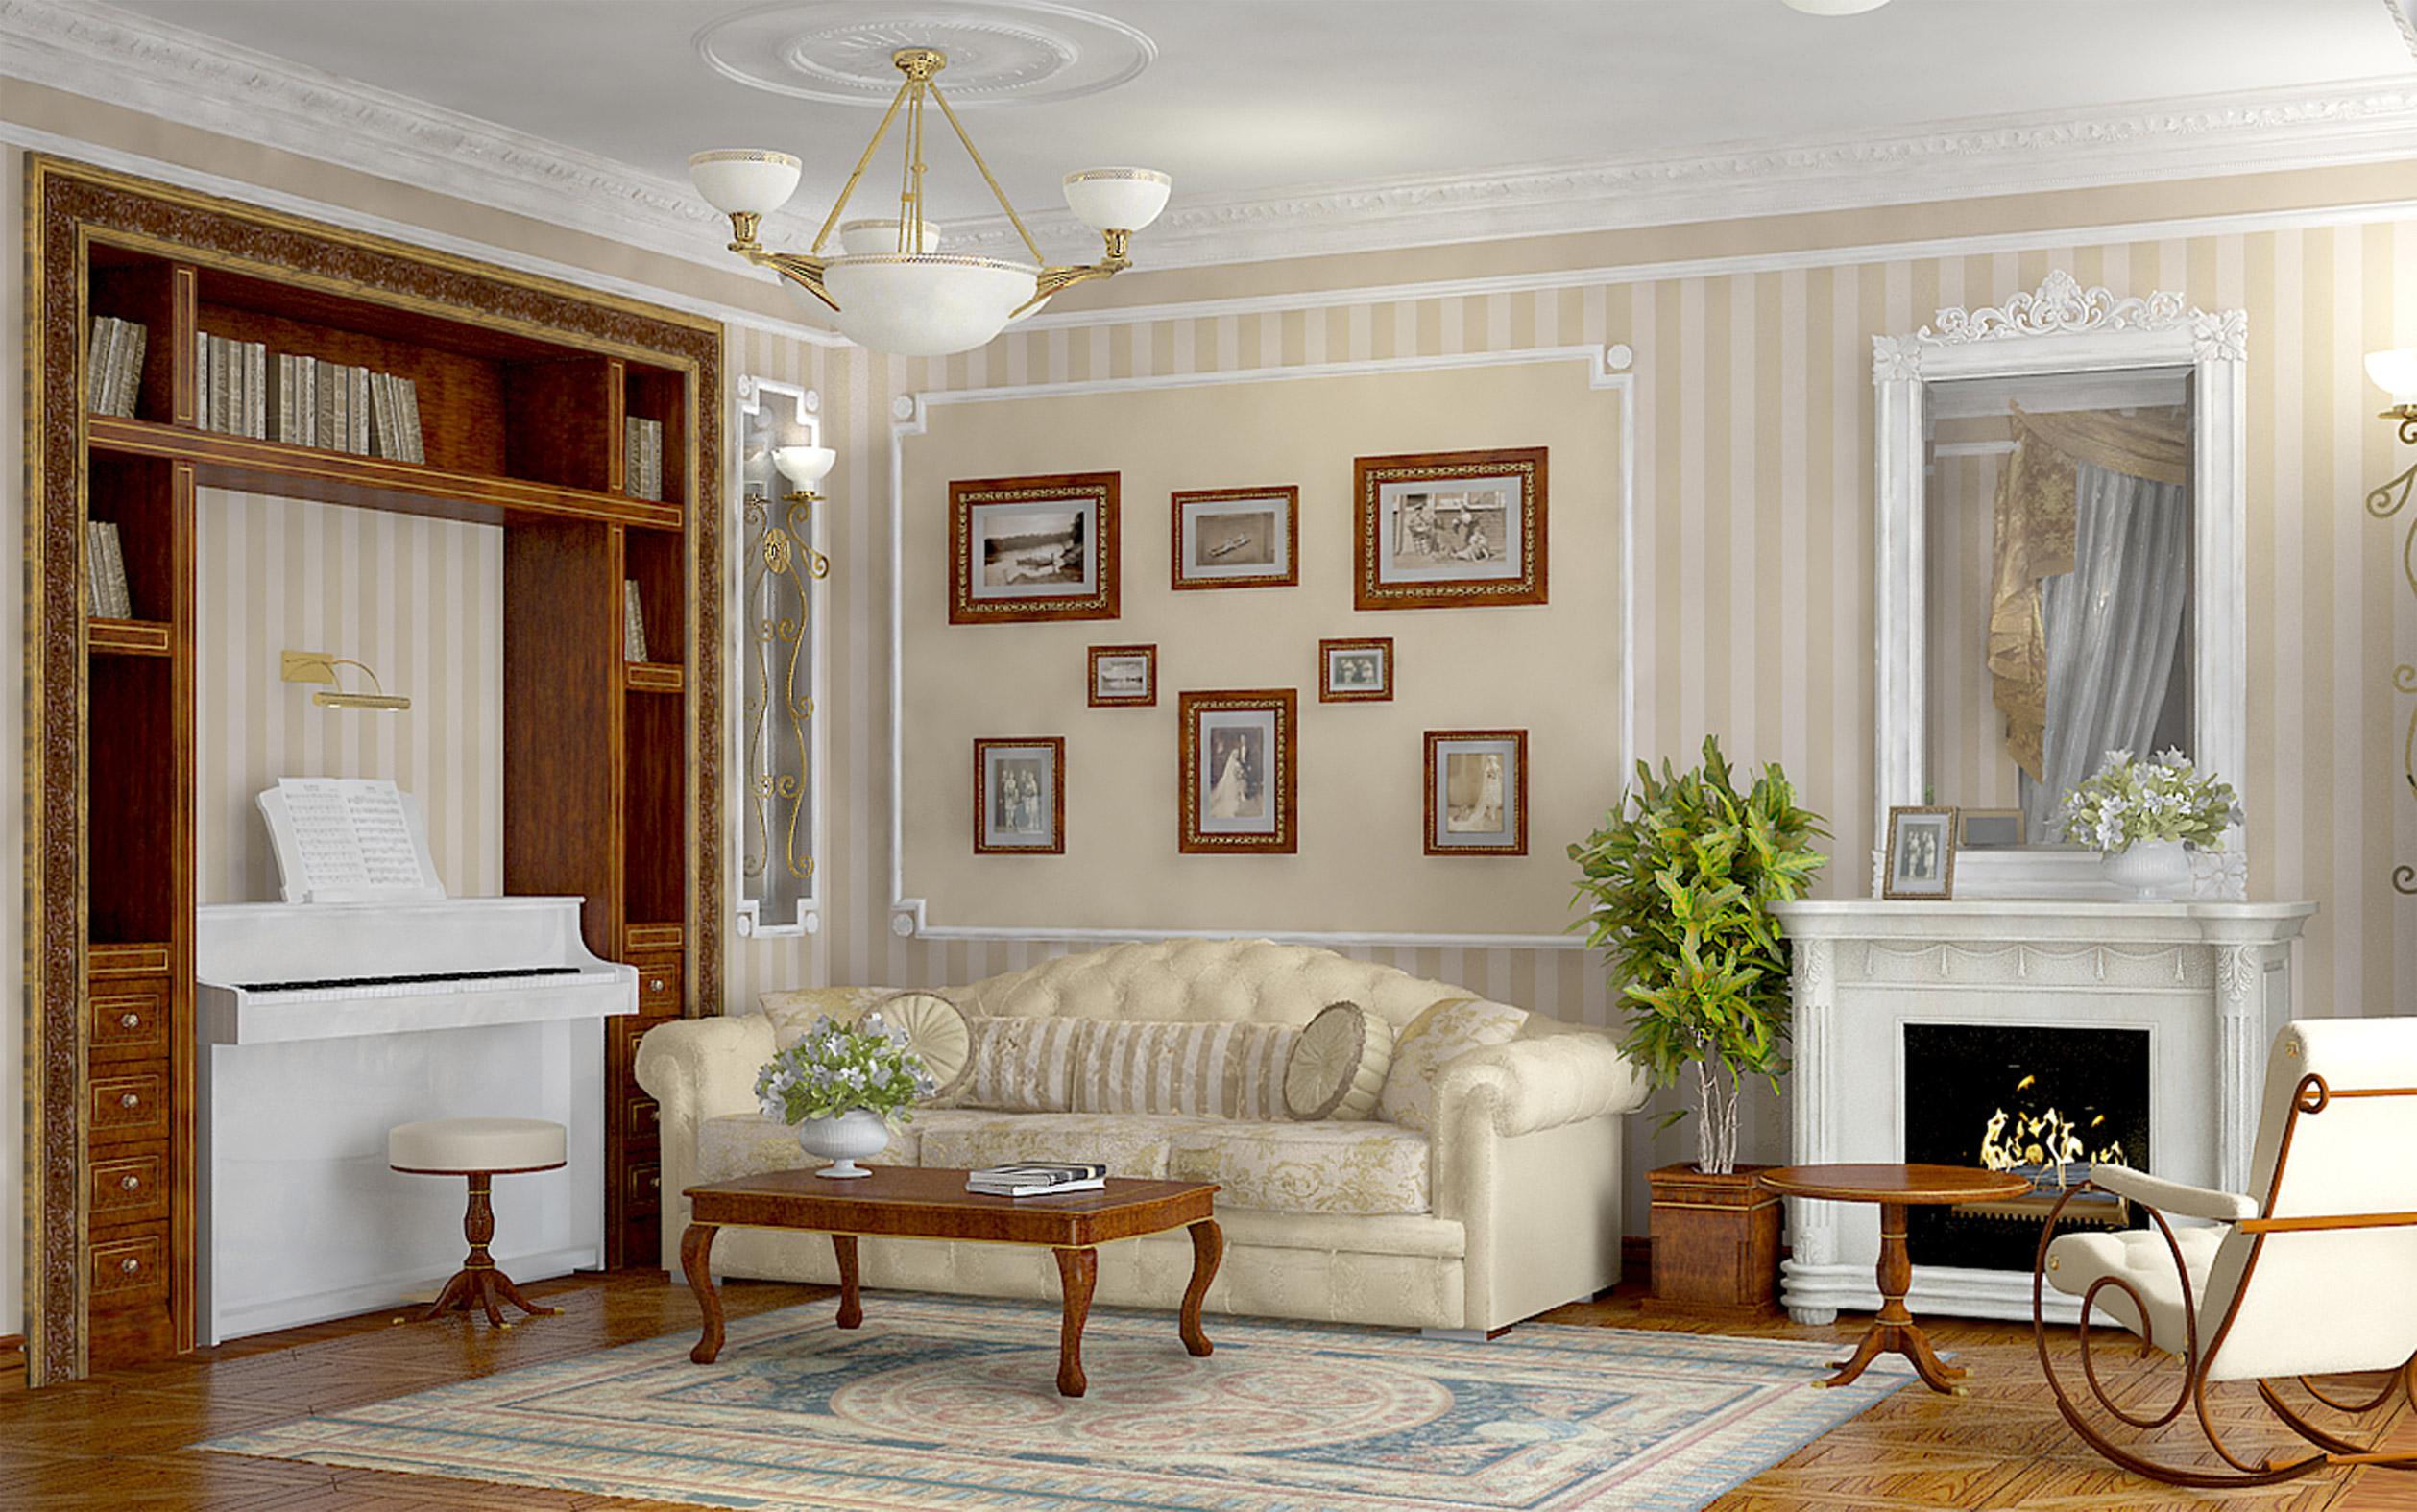 Гостиная комната в английском стиле в светлых тонах